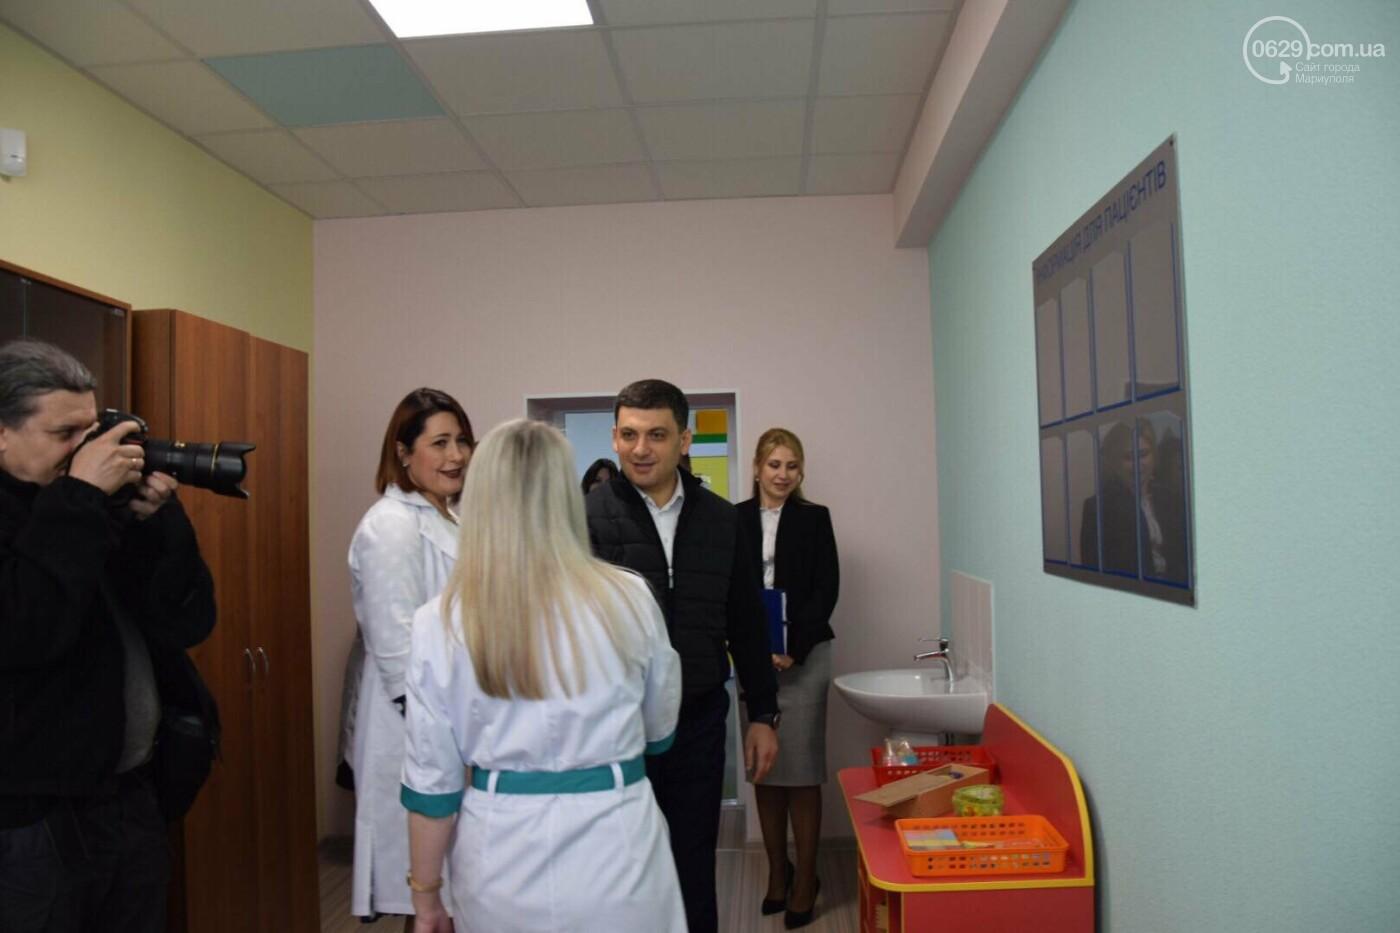 В Мариуполе Владимир Гройсман открыл детскую поликлинику и познакомился с Сережей, - ФОТОРЕПОРТАЖ, ВИДЕО, фото-33